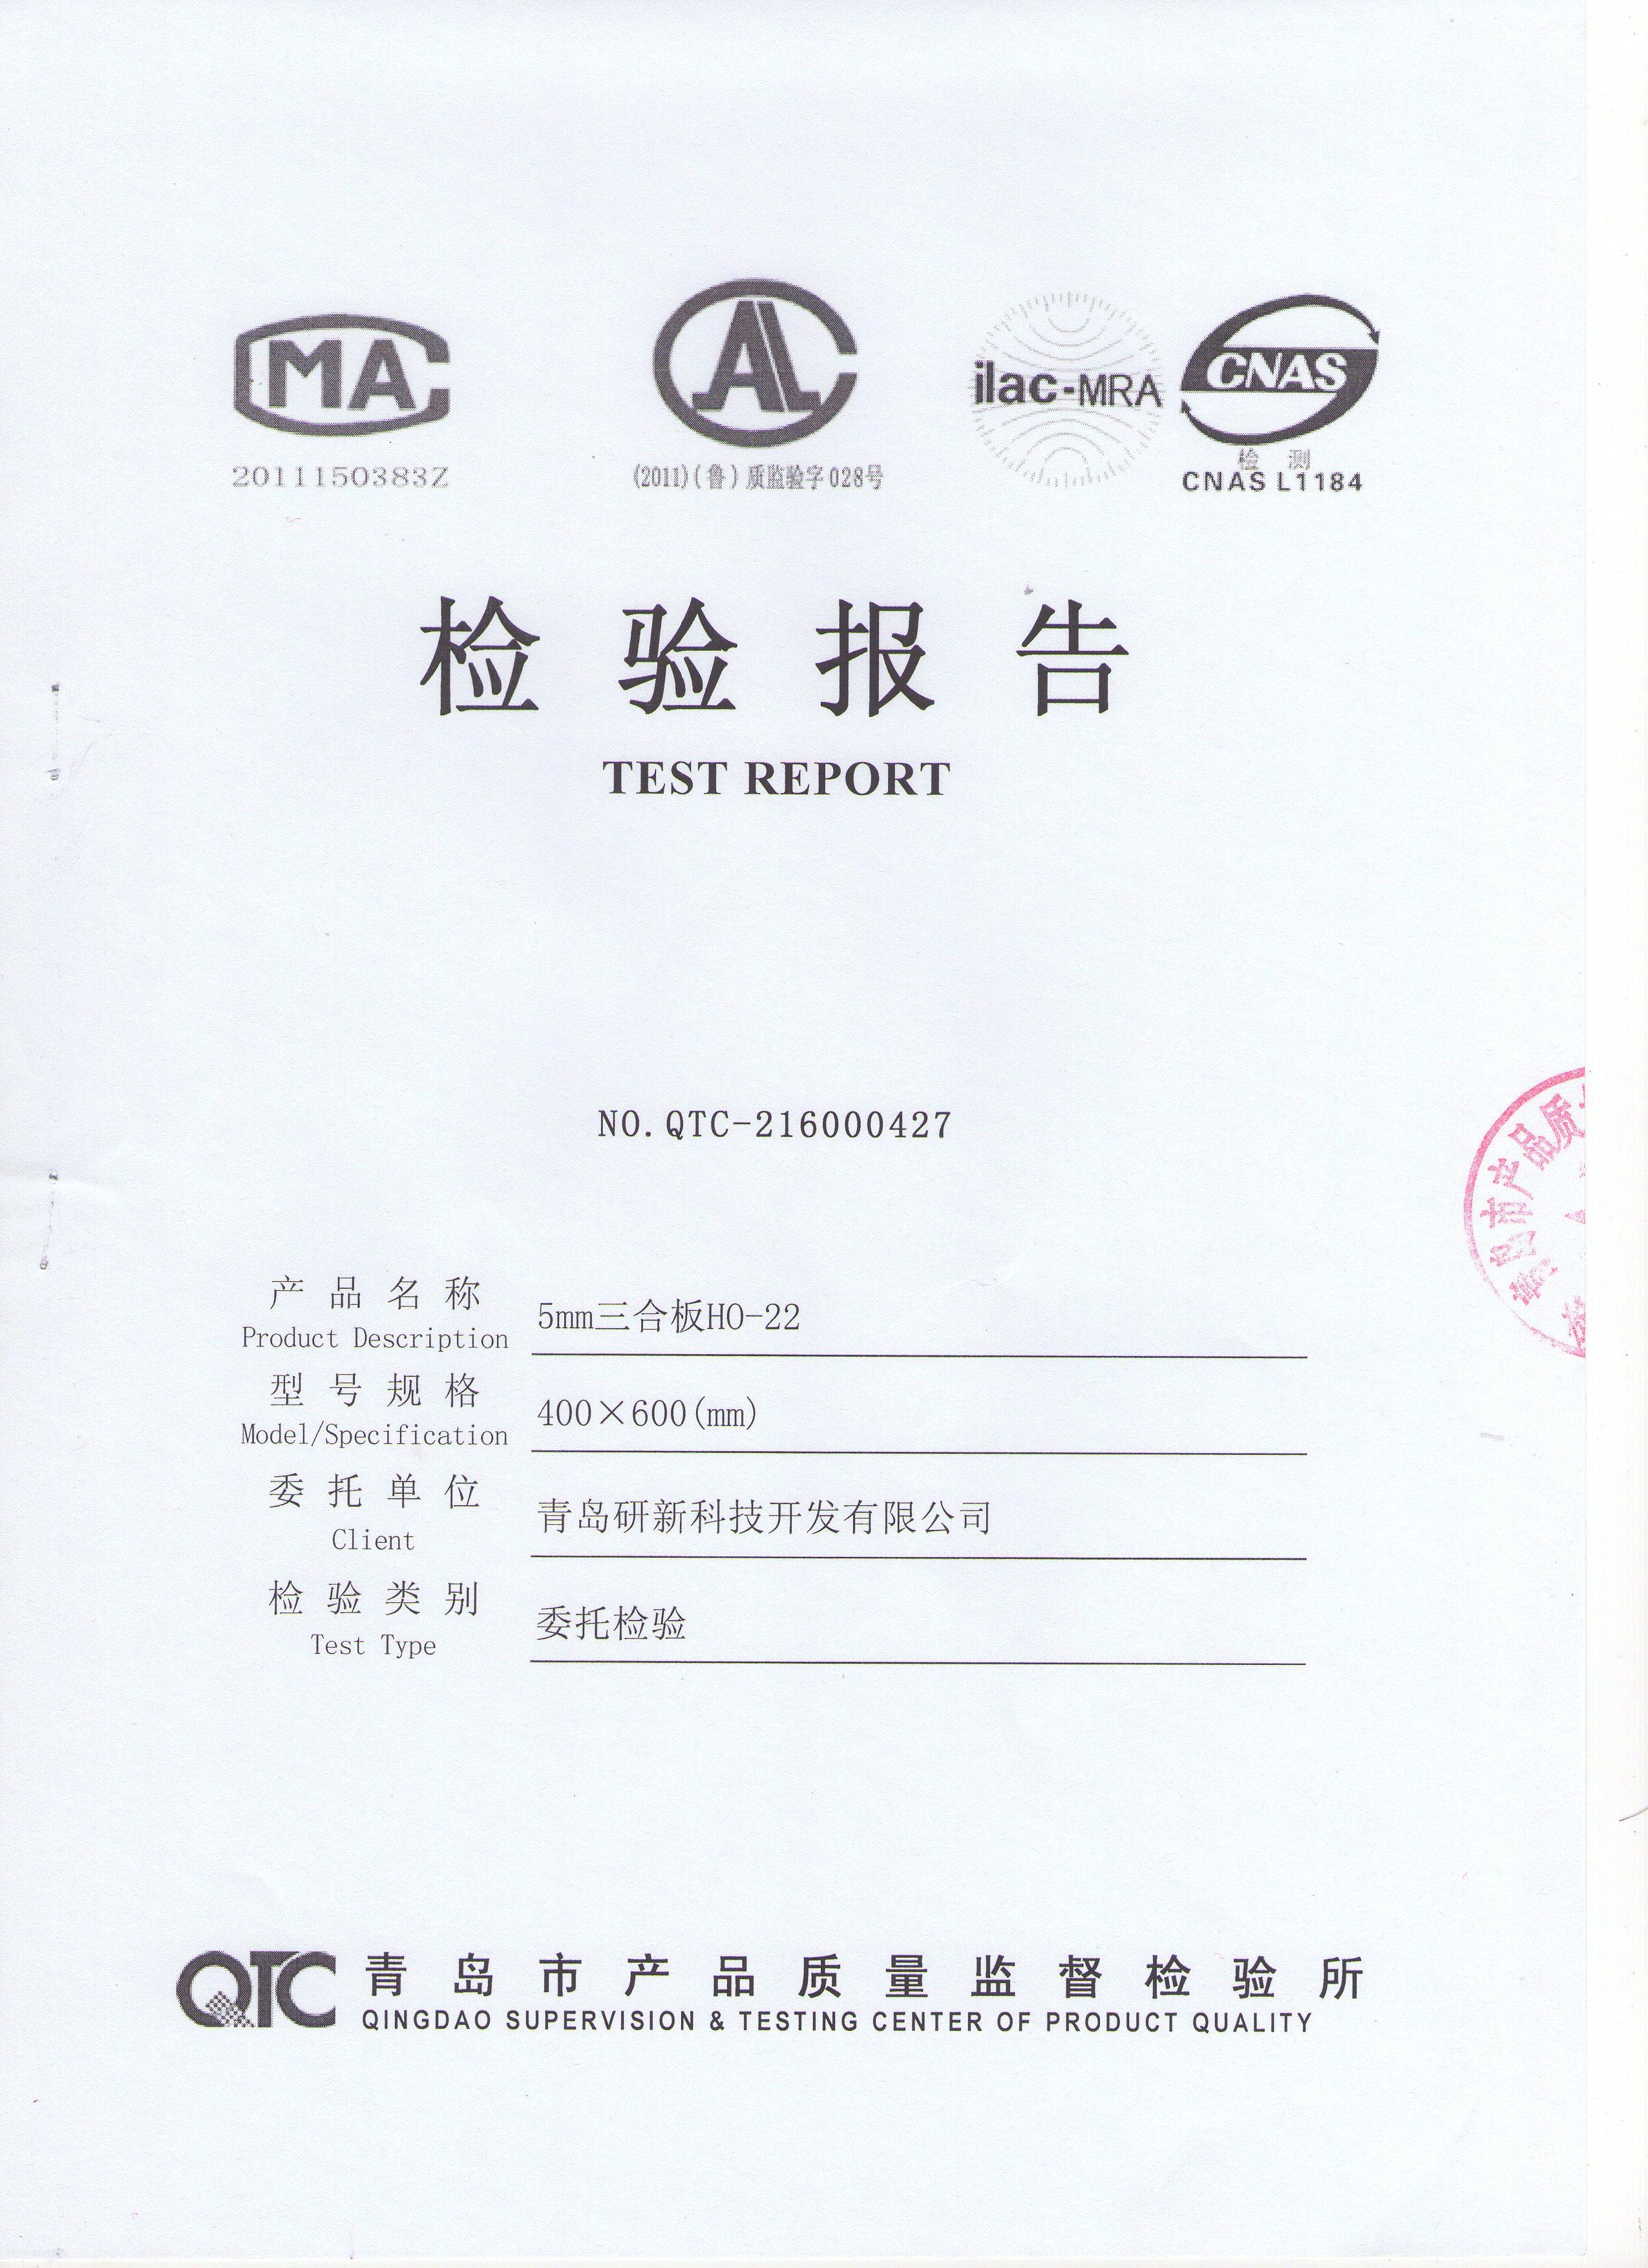 2012青岛质监局处置惩罚样1